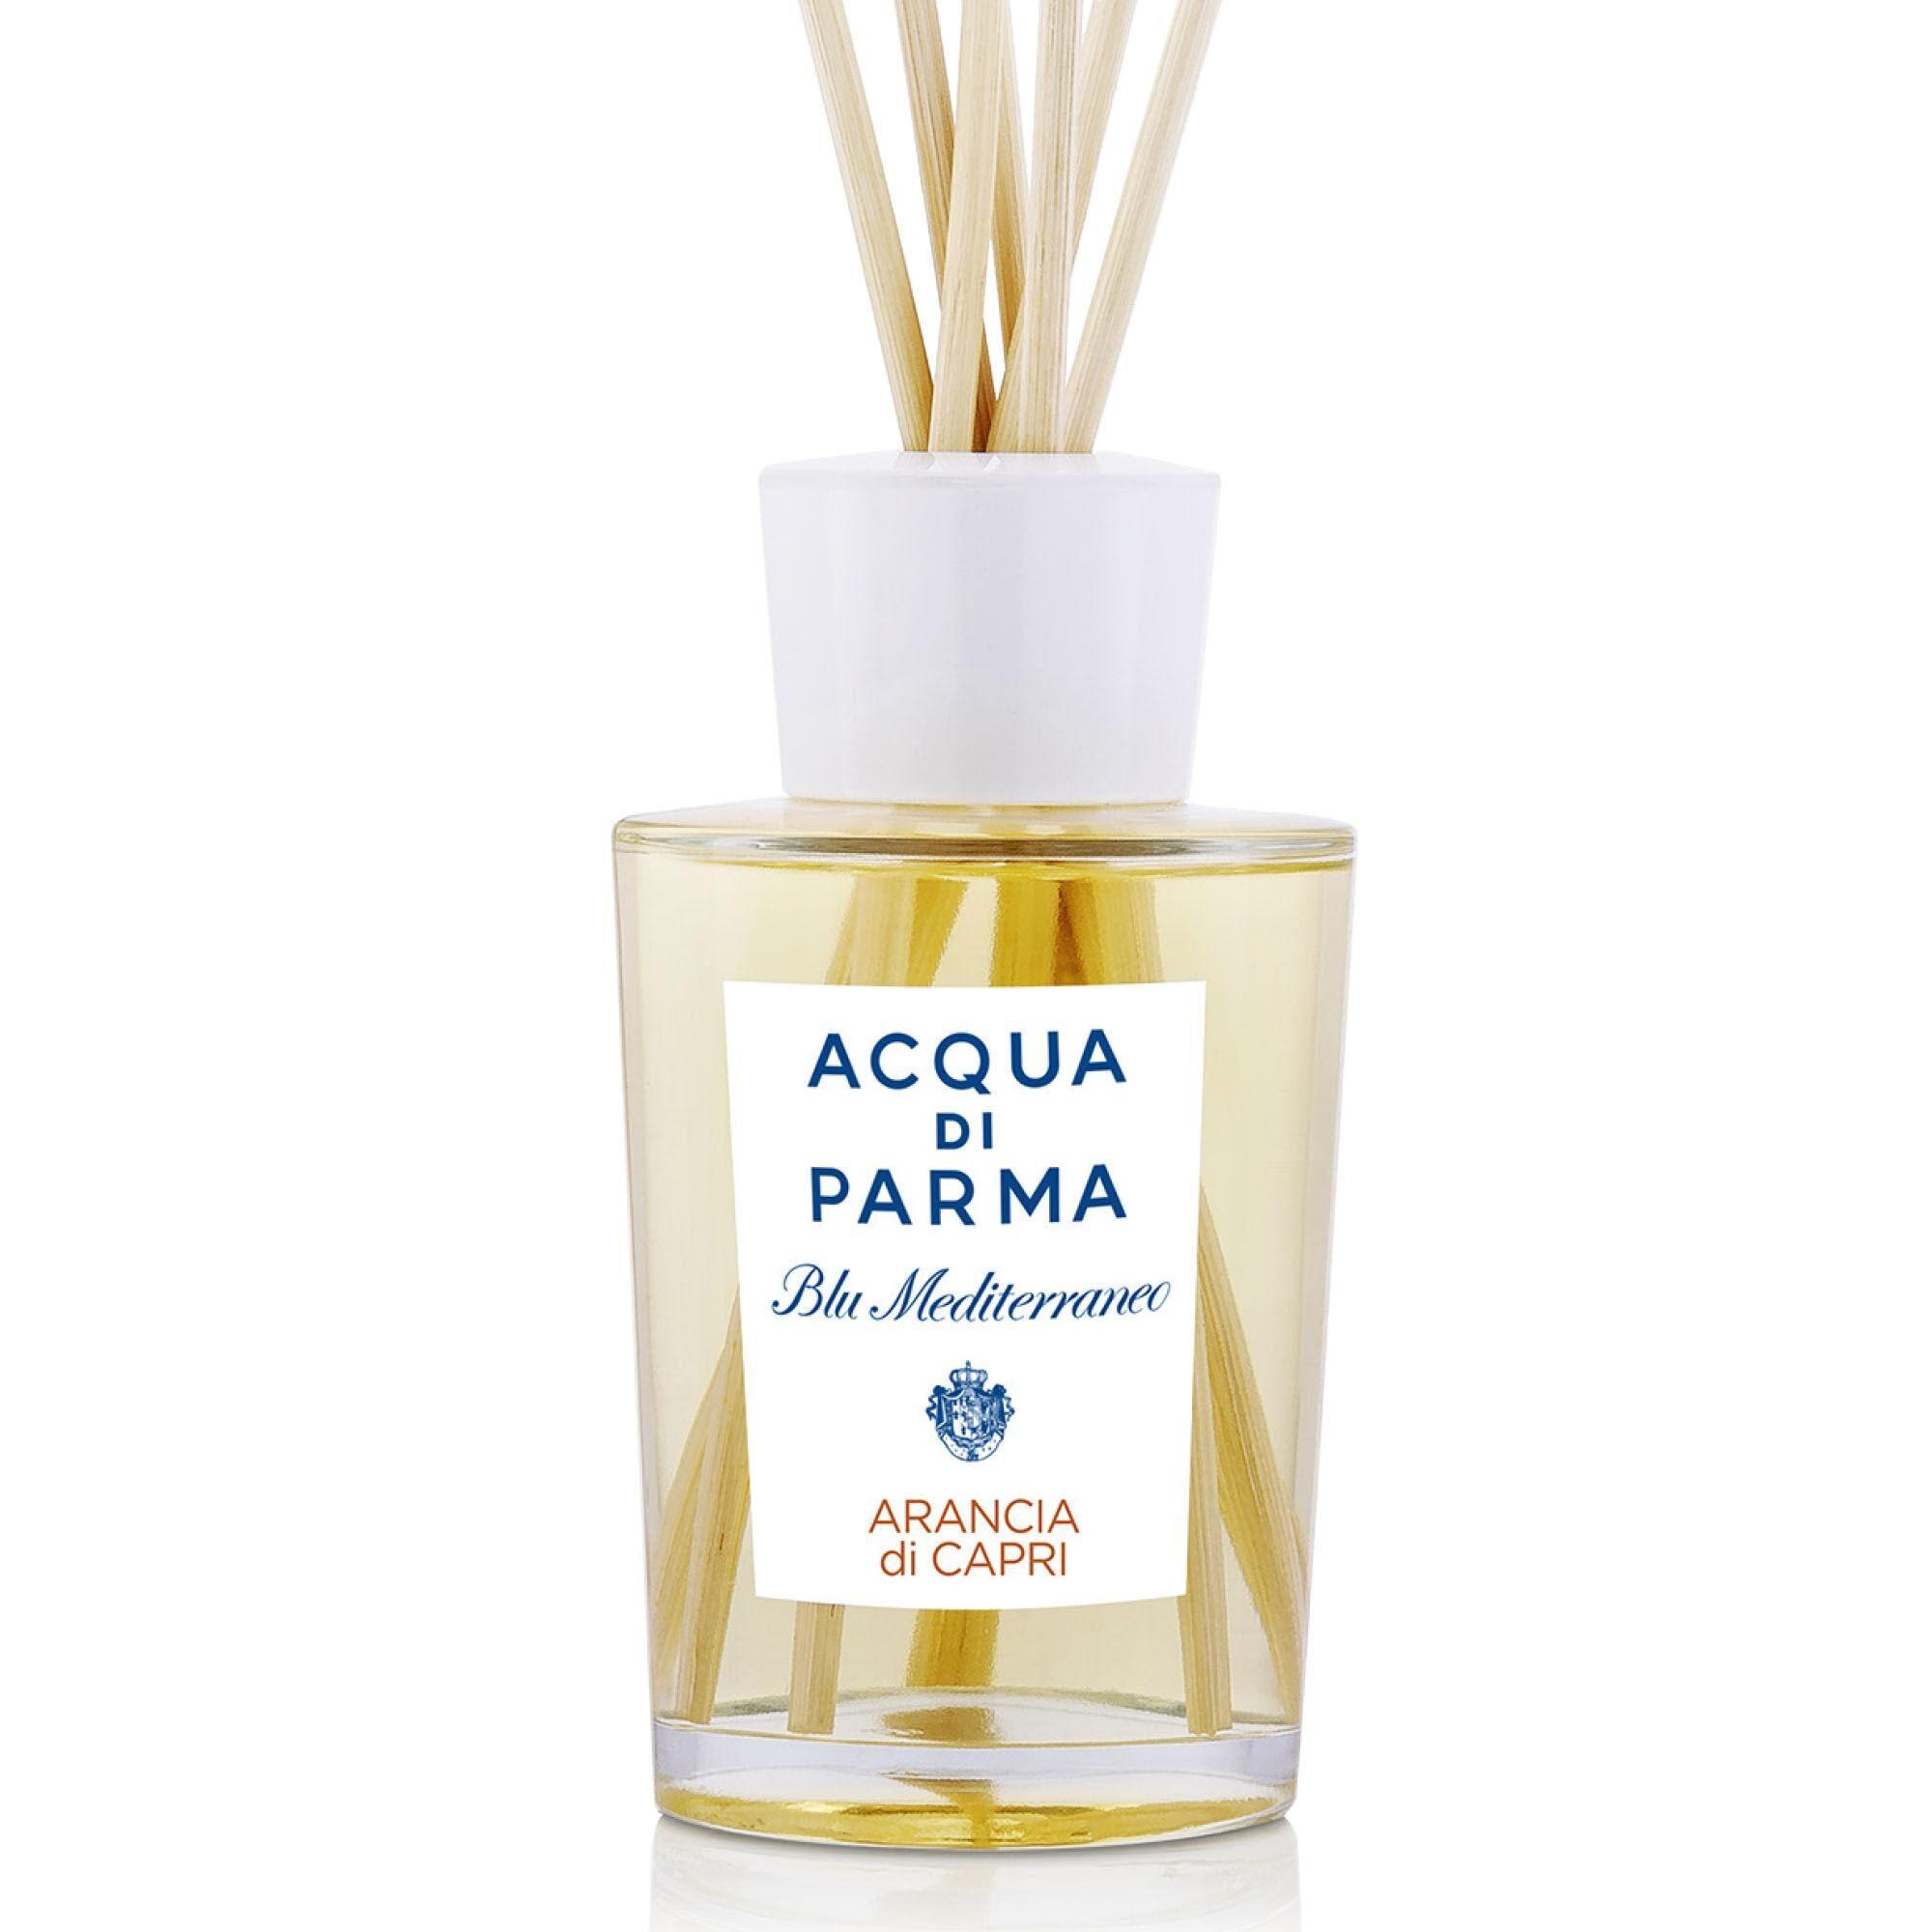 ACQUA DI PARMA Blu Mediterraneo Arancia di Capri, 10 12 settimane, 180 ml